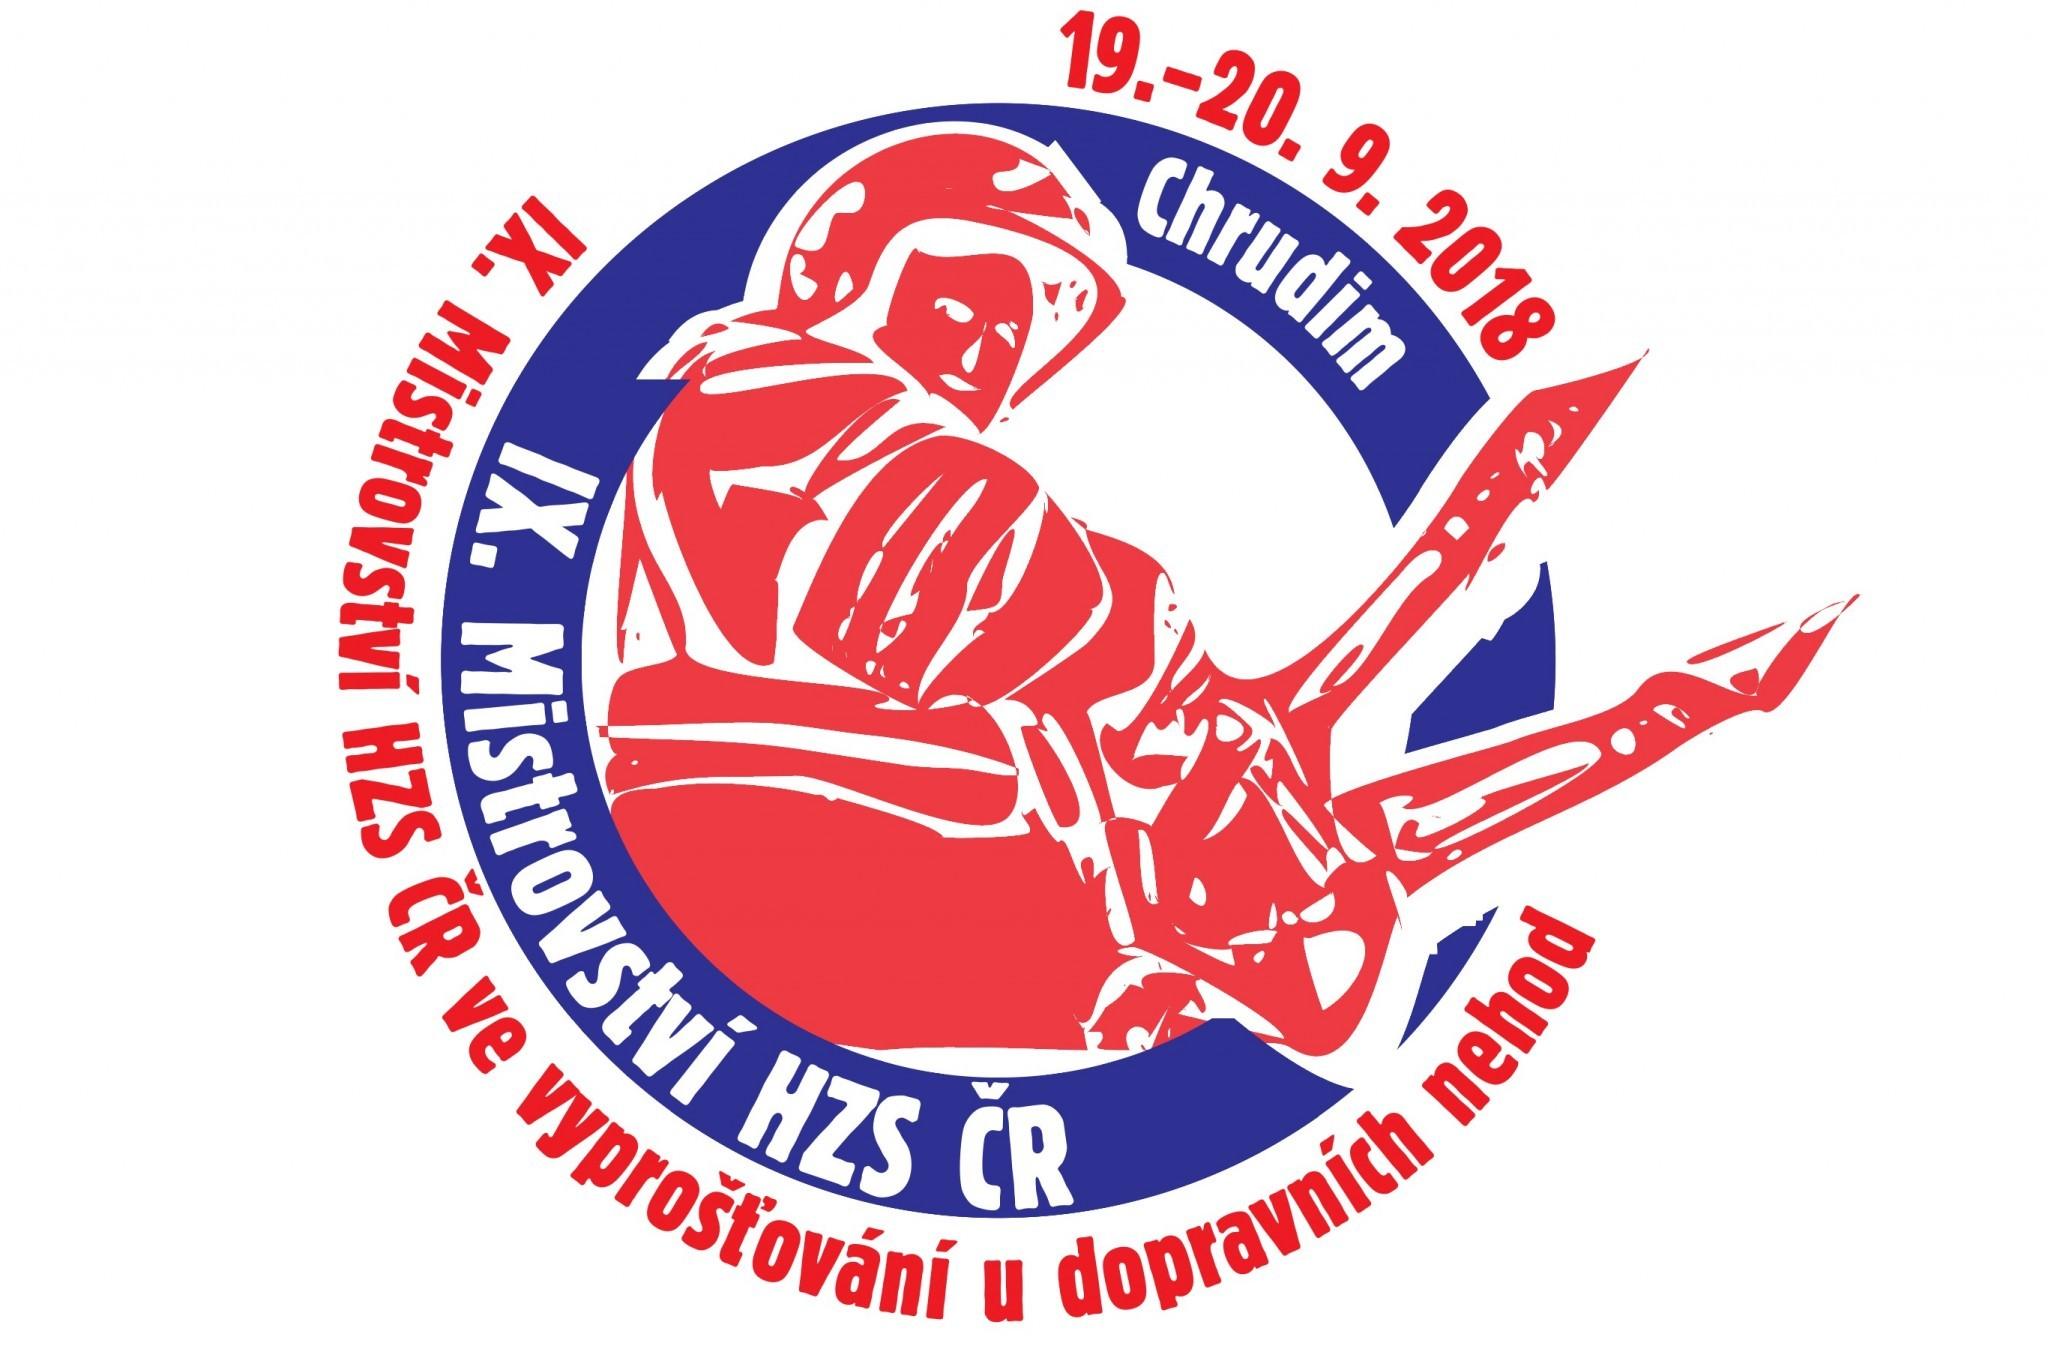 Mistrem České republiky ve vyprošťování u dopravních nehod se stalo družstvo z HZS Královéhradeckého kraje